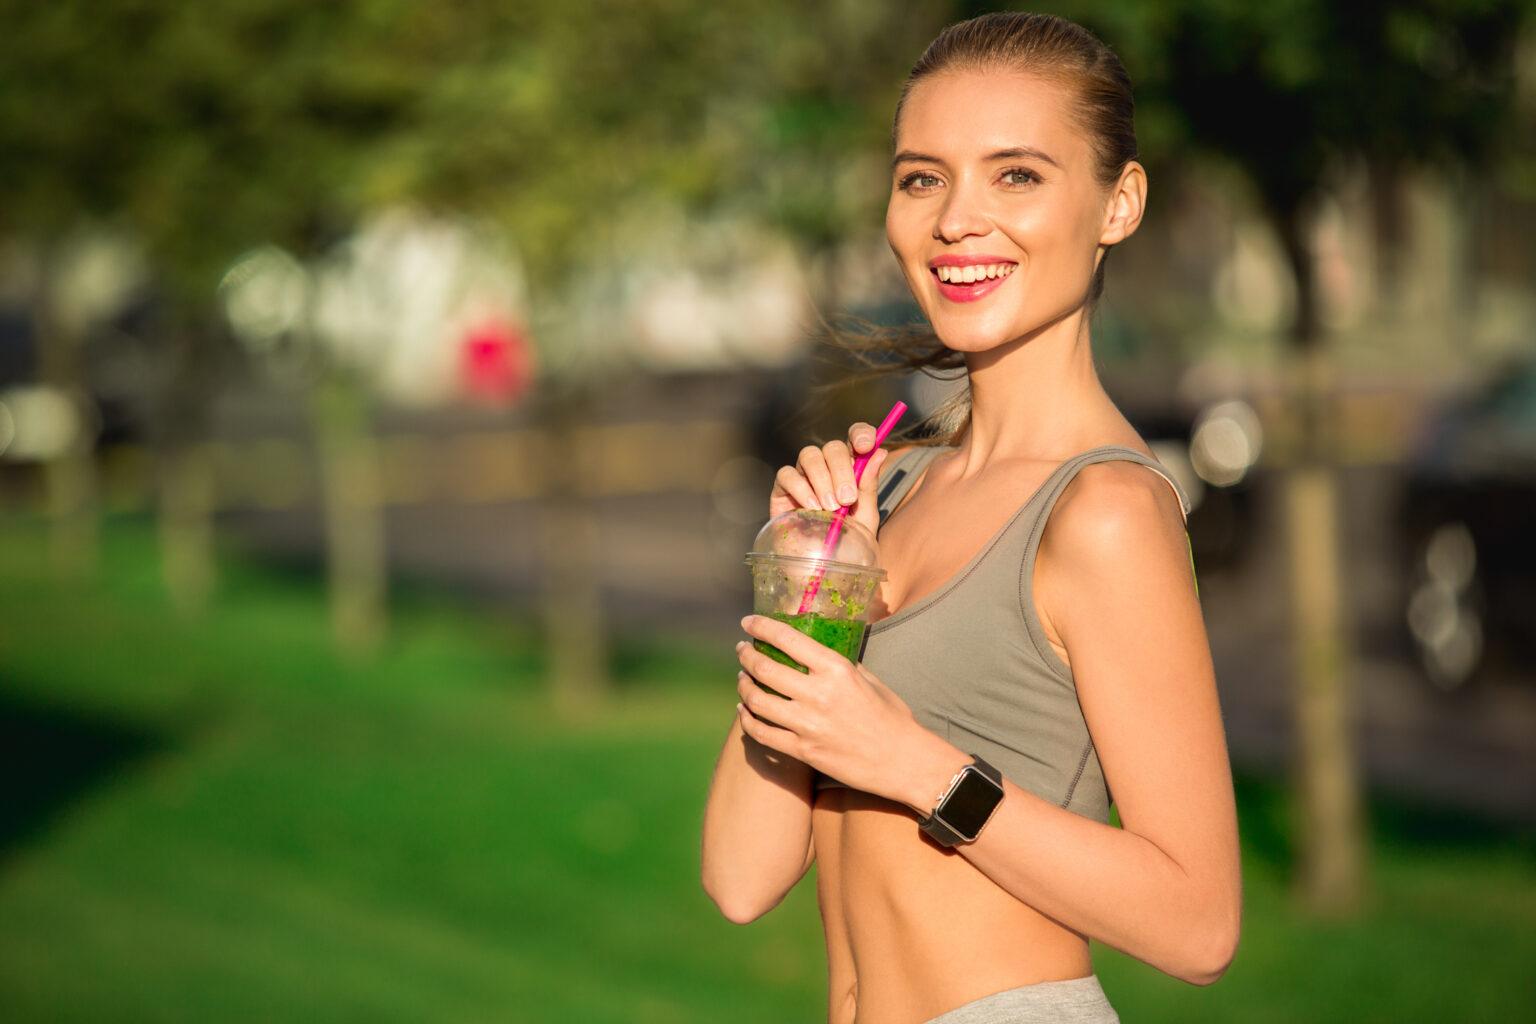 detoksikacija_zdrava-prehrana_zdravlje